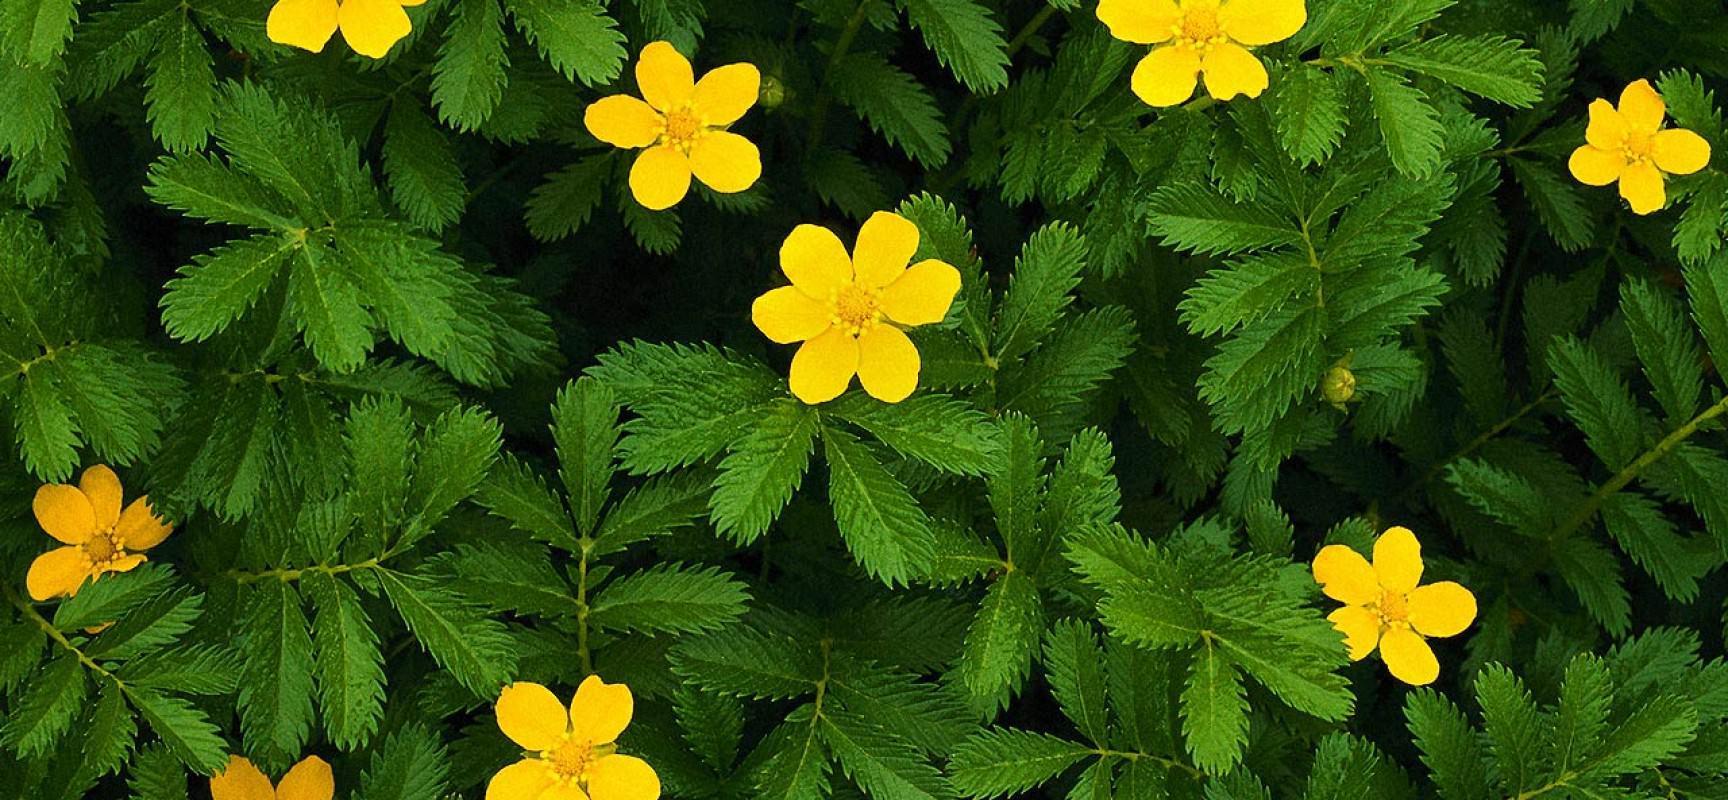 Солерос европейский, трава сушеная применение,свойства,противопоказания